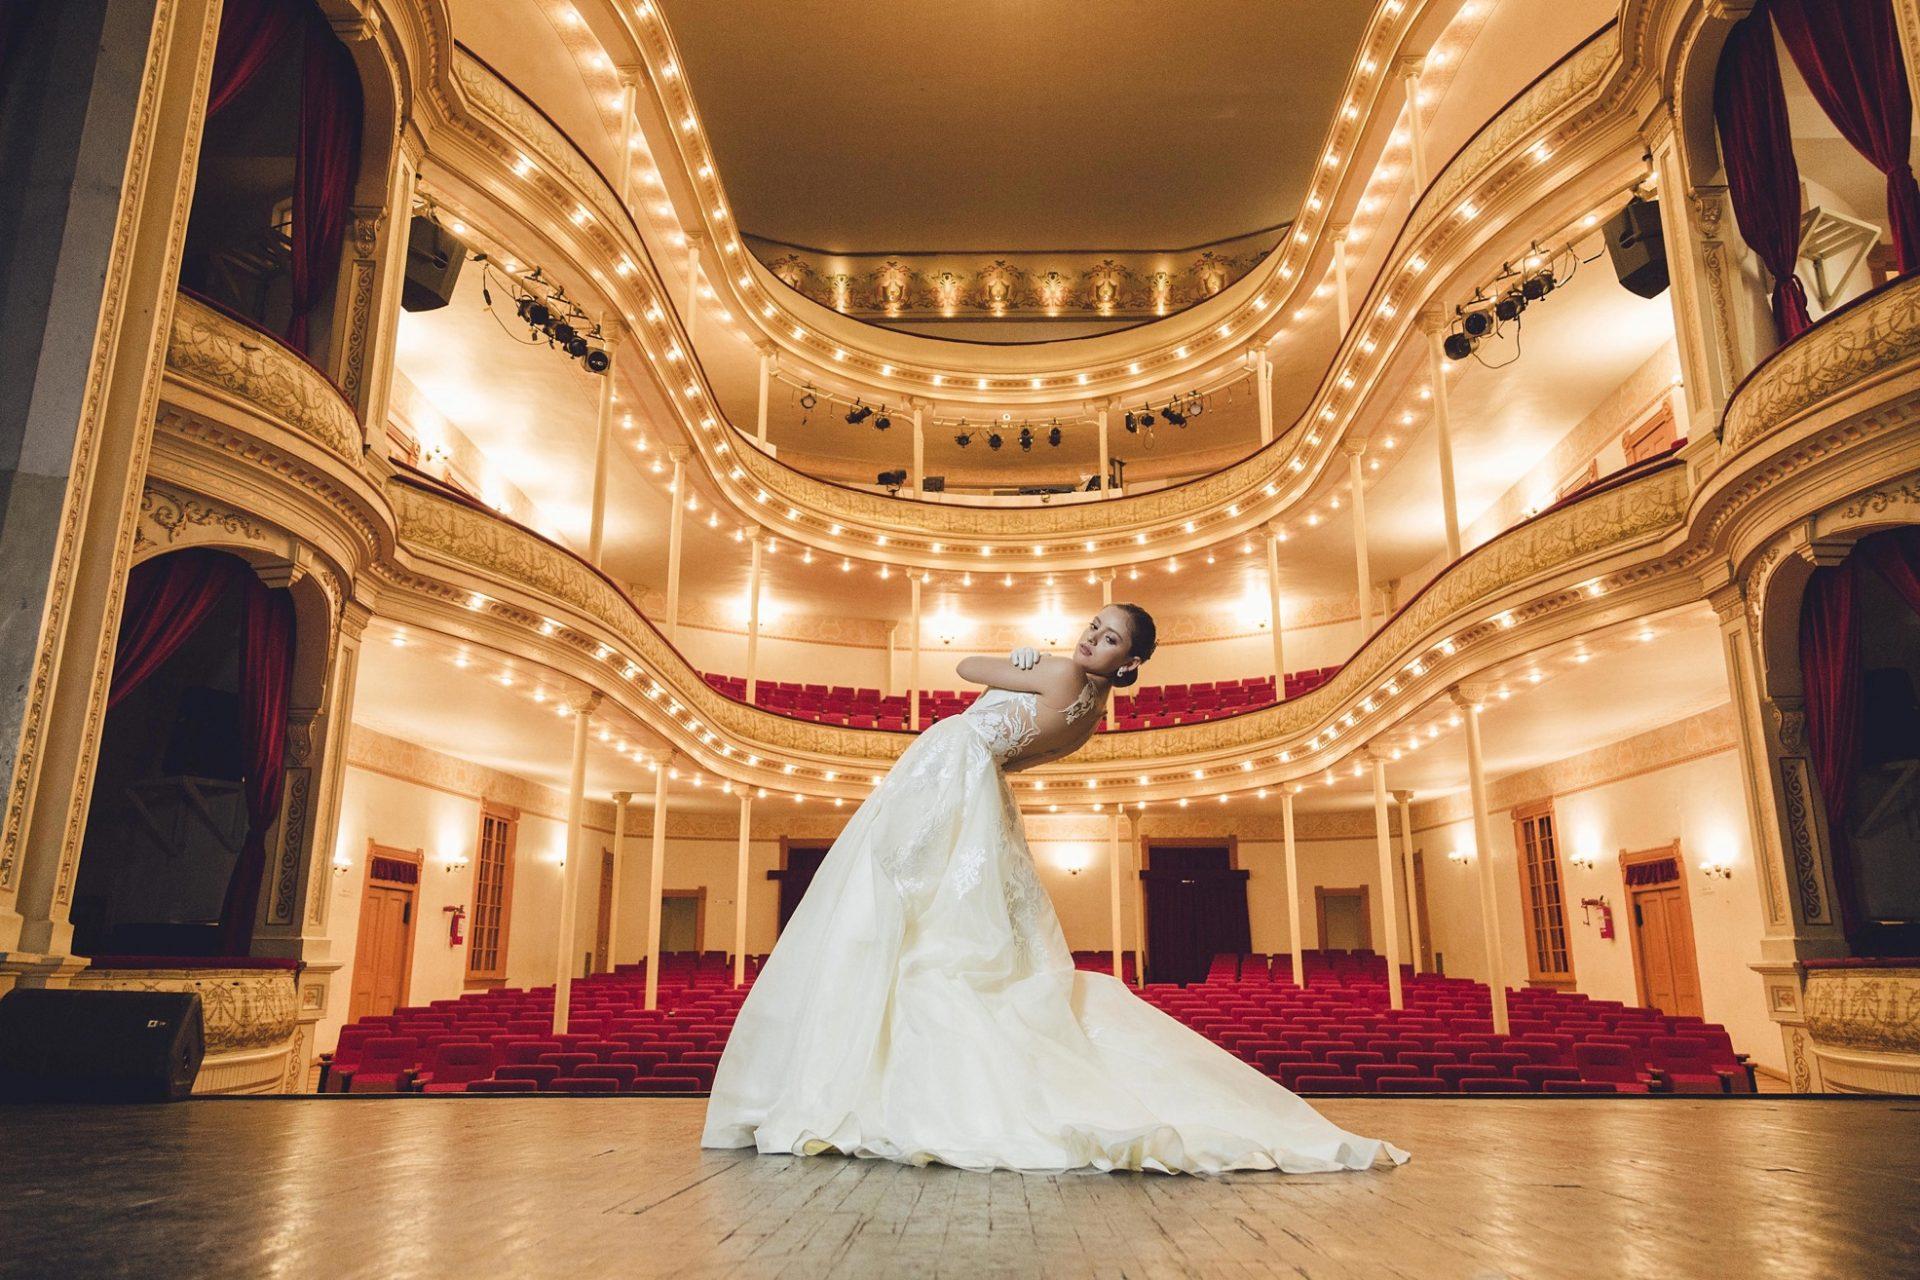 fotografo_profesional_bodas_zacatecas_casual_teatro_calderon_fashion-18